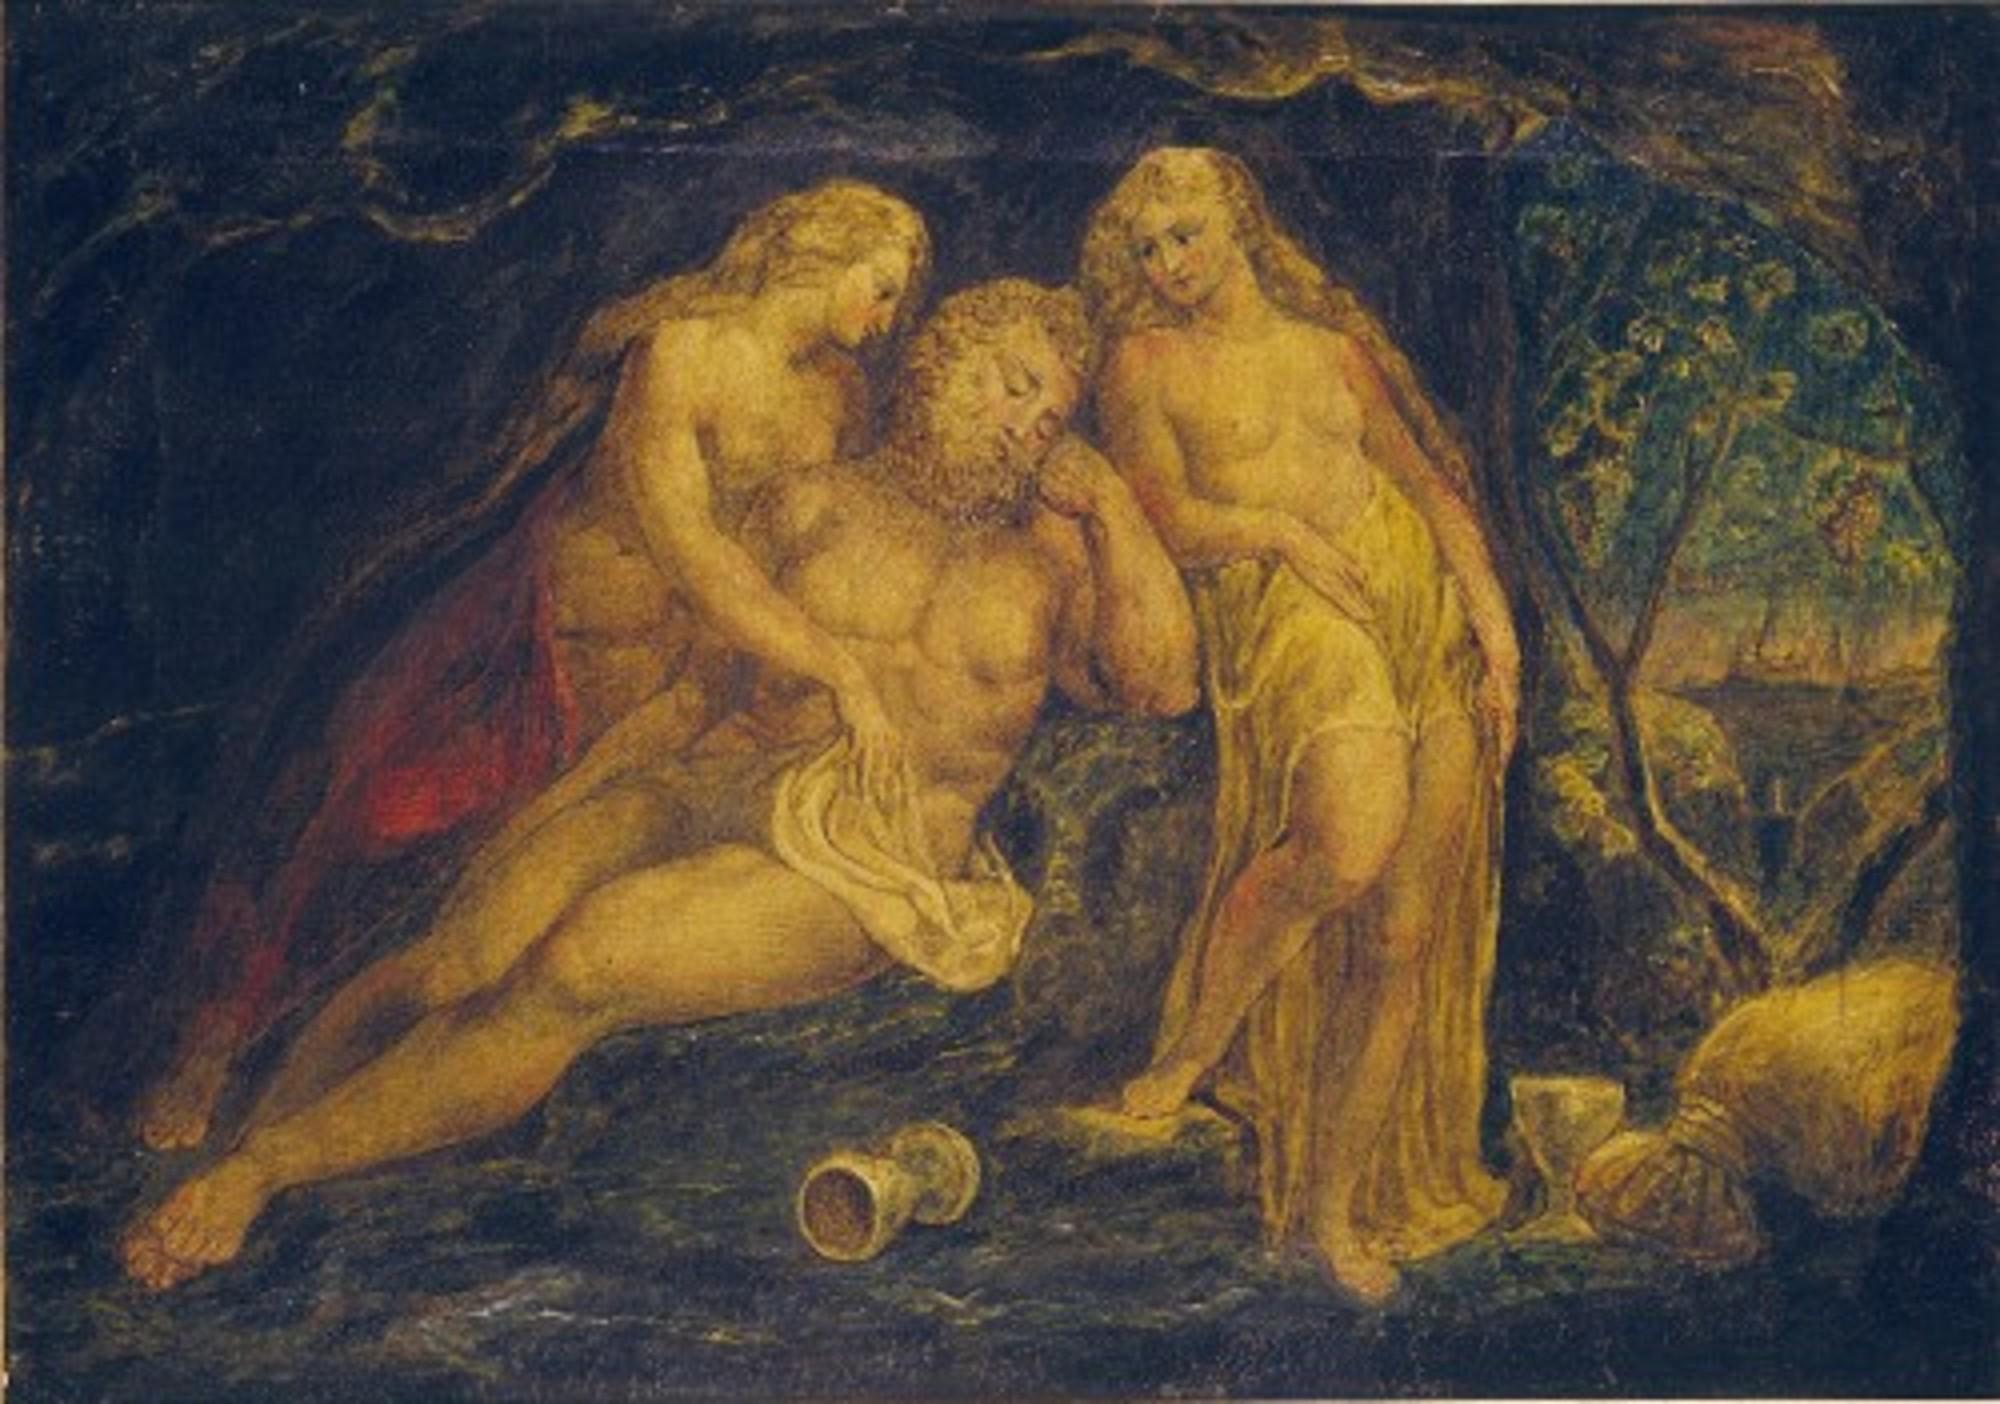 William_Blake_Lot_and_His_Daughters_Butlin_381.jpg